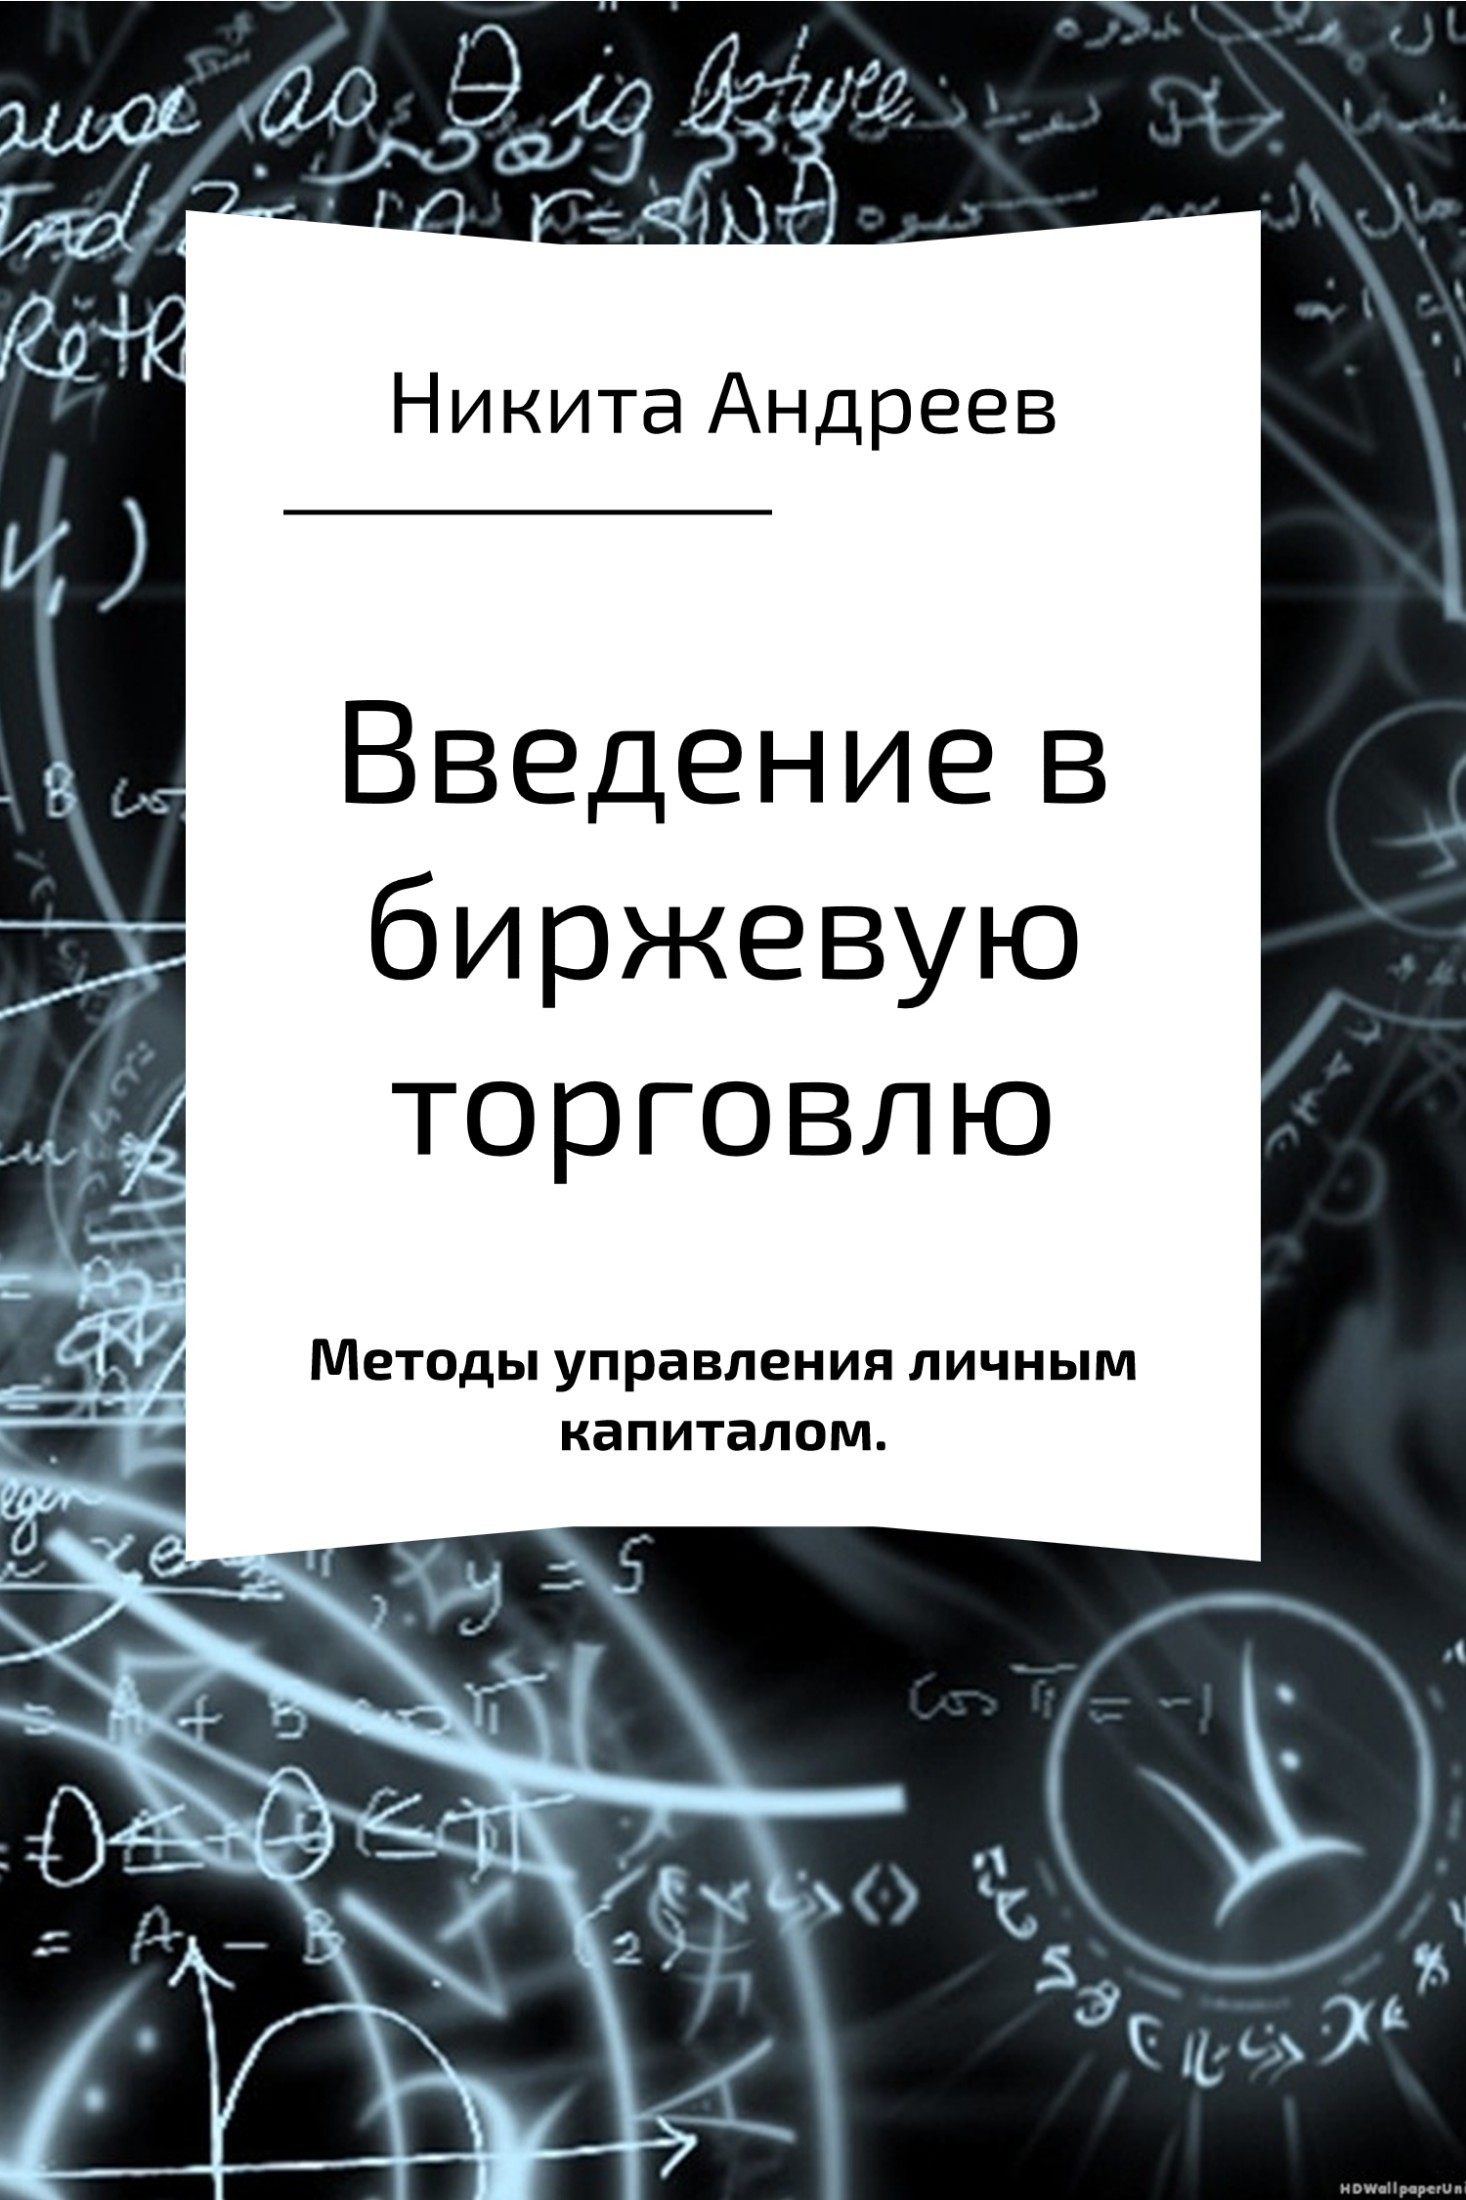 Никита Игоревич Андреев Введение в биржевую торговлю и методы управления личным капиталом